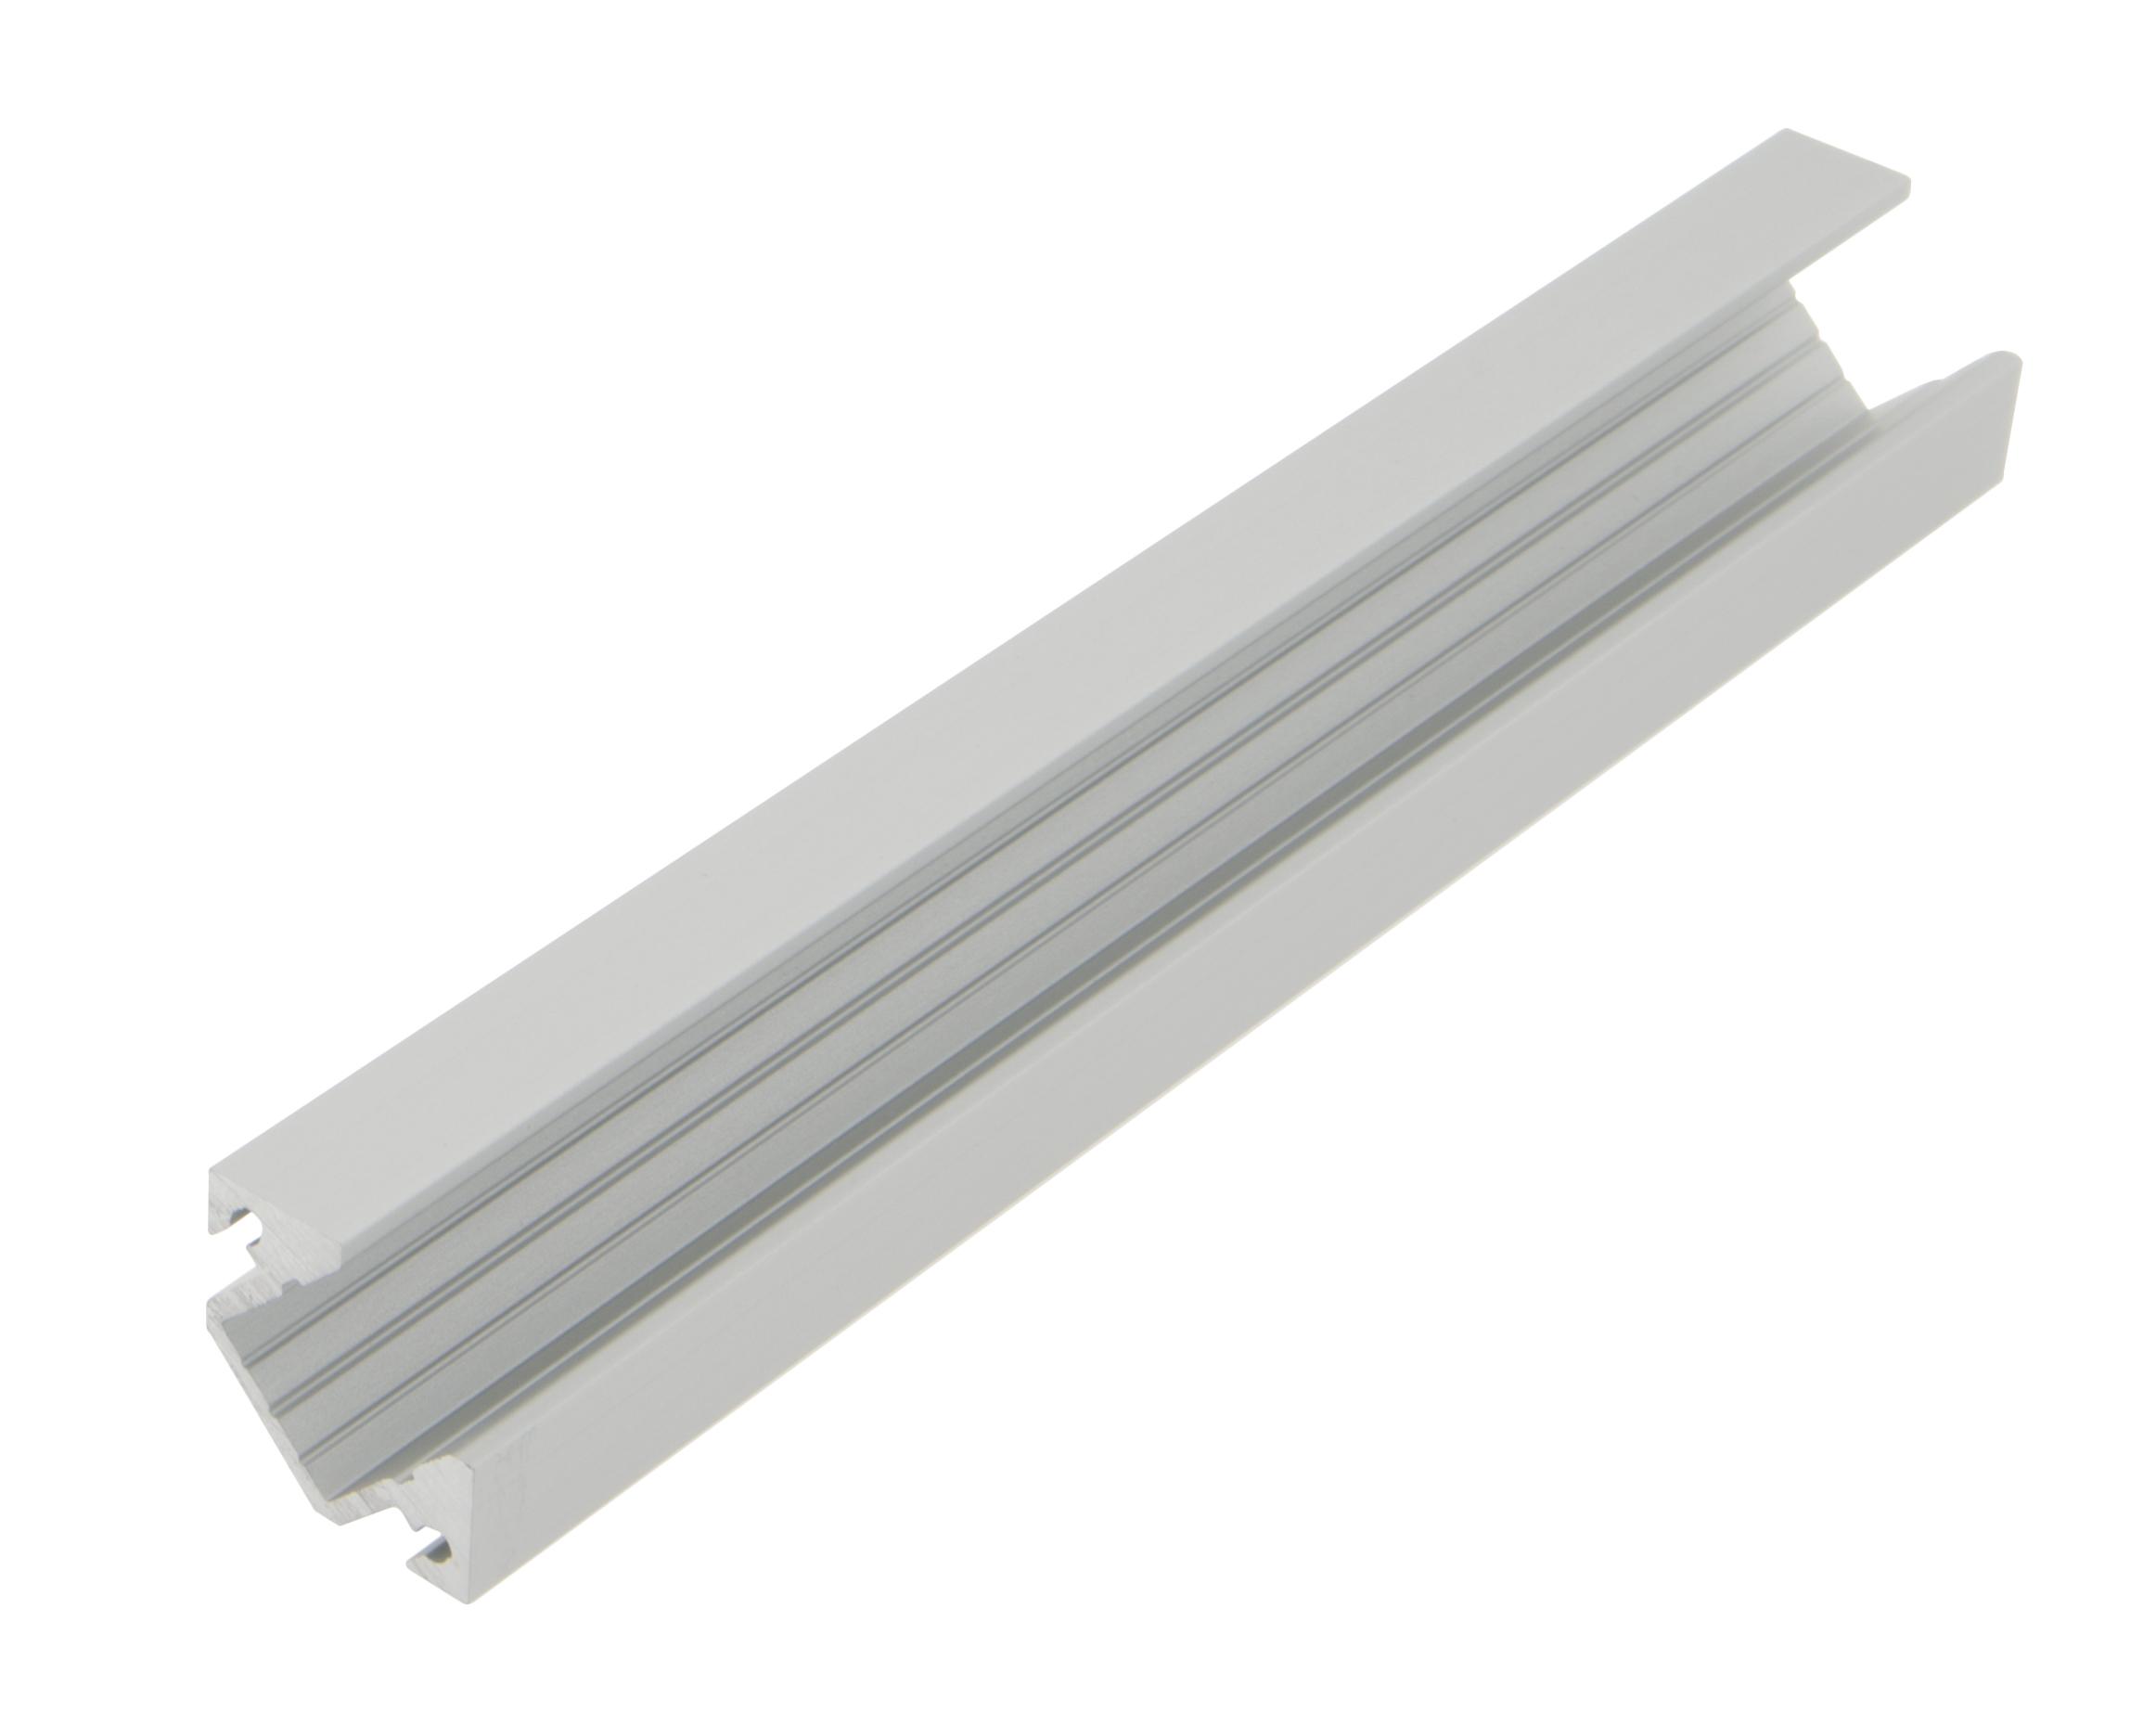 1 m Aluminiumprofil KLE, L-2000mm B-19mm H-19mm LIAP008003